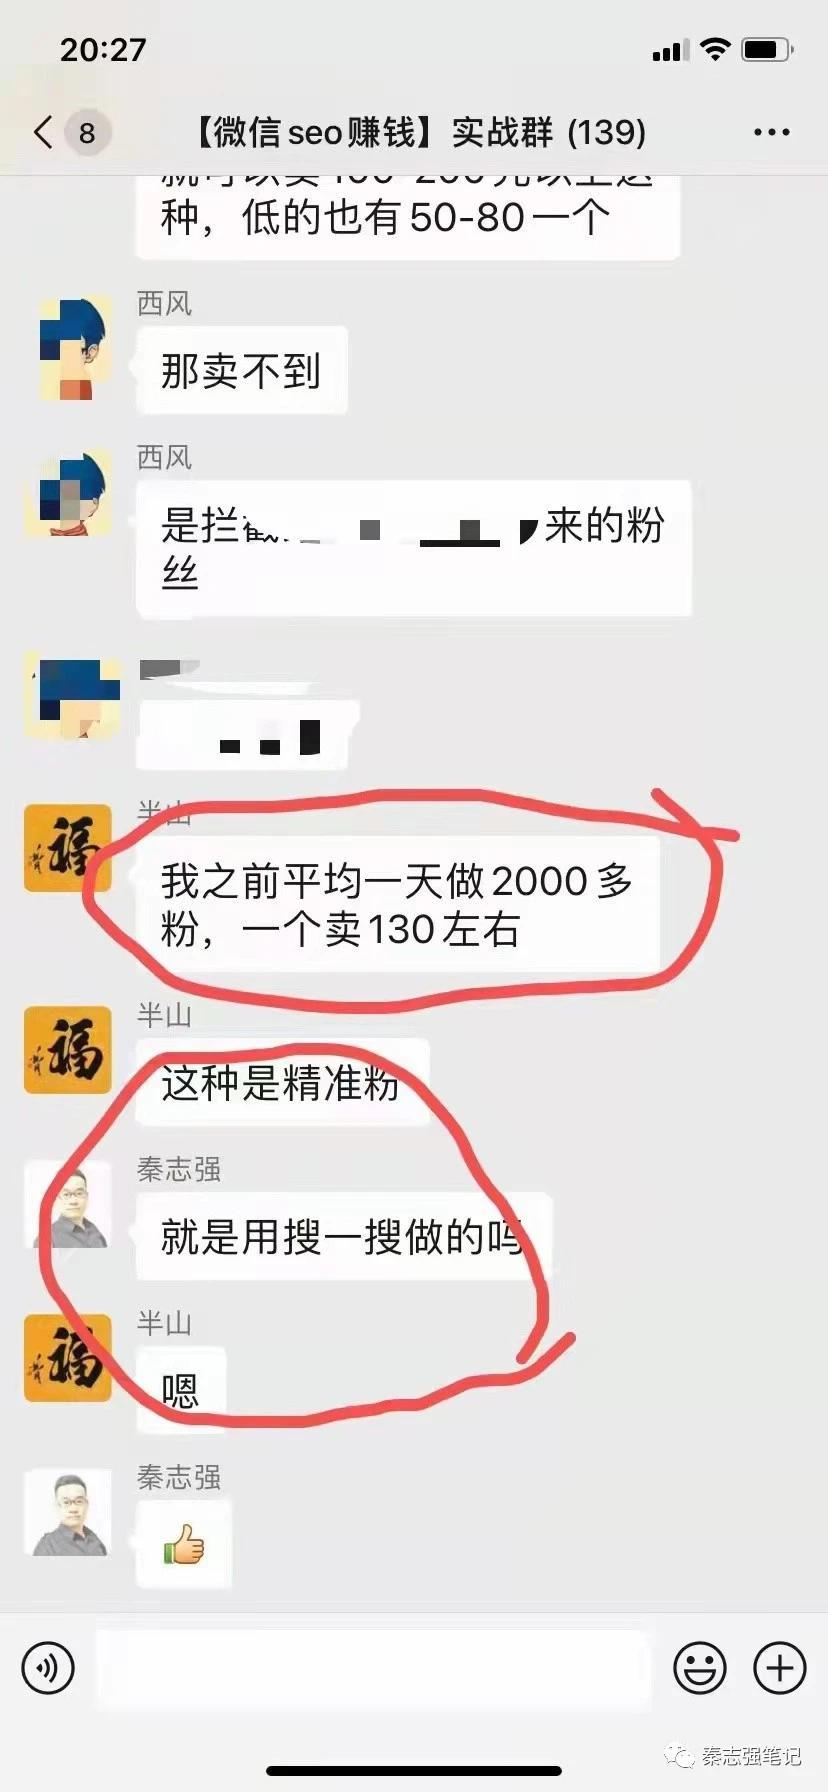 如何利用微信搜一搜吸粉(搜一搜seo排名优化精准吸粉教程)